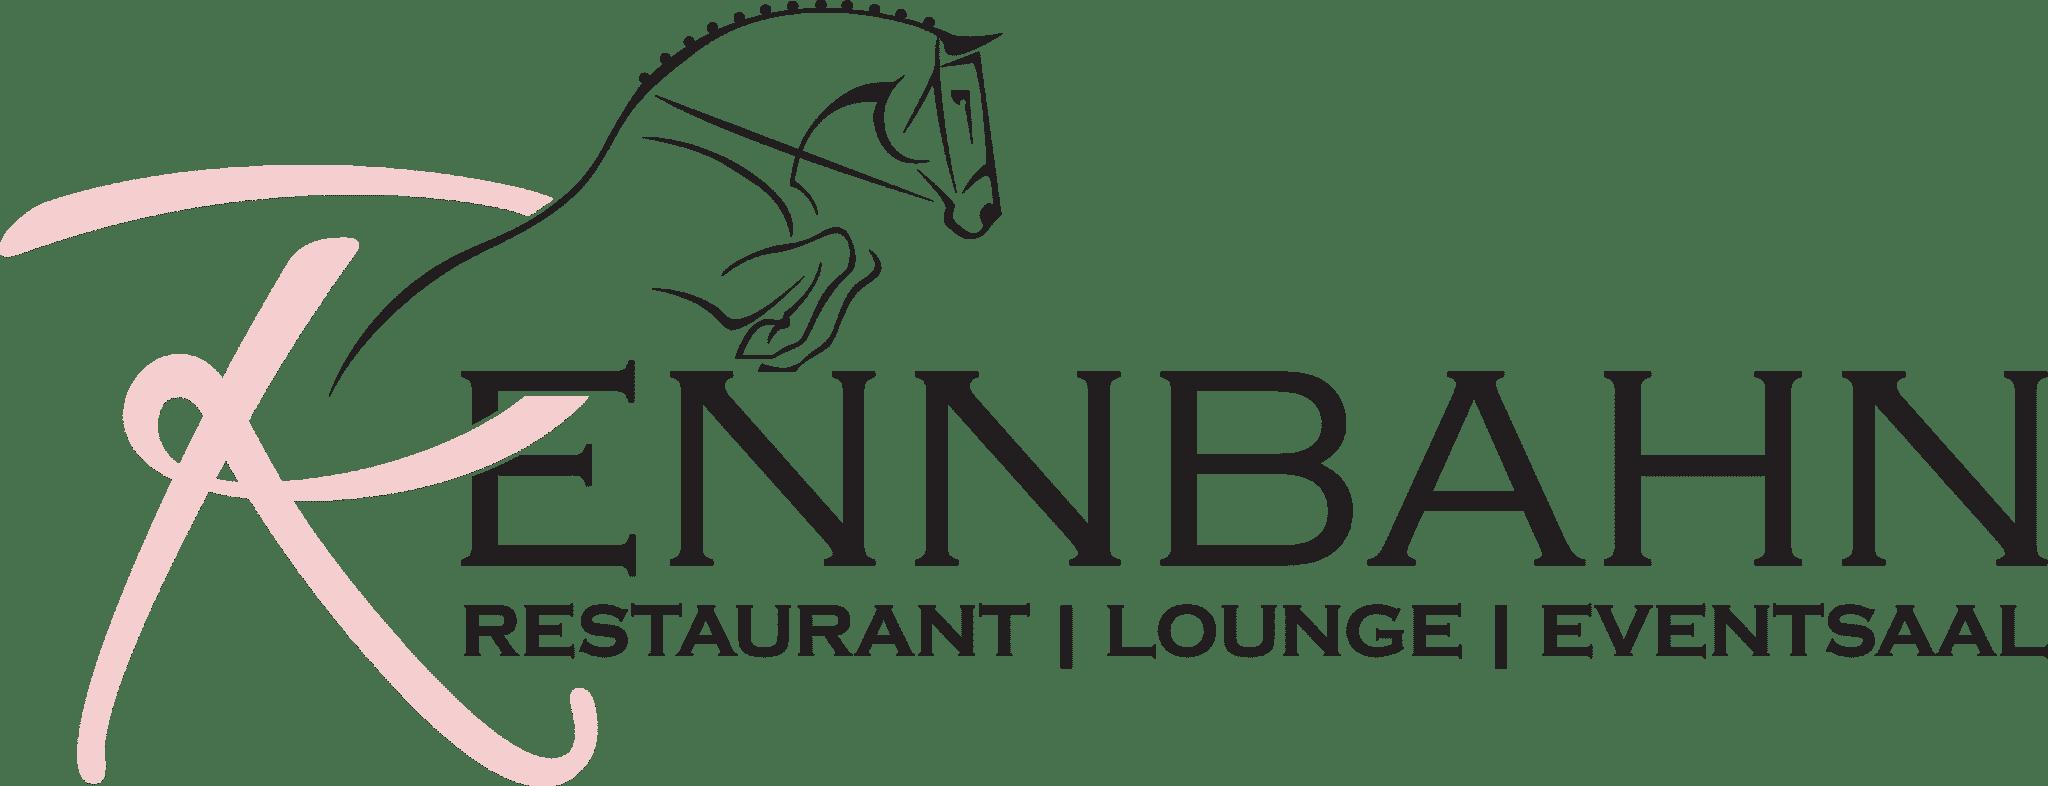 Restaurant Rennbahn